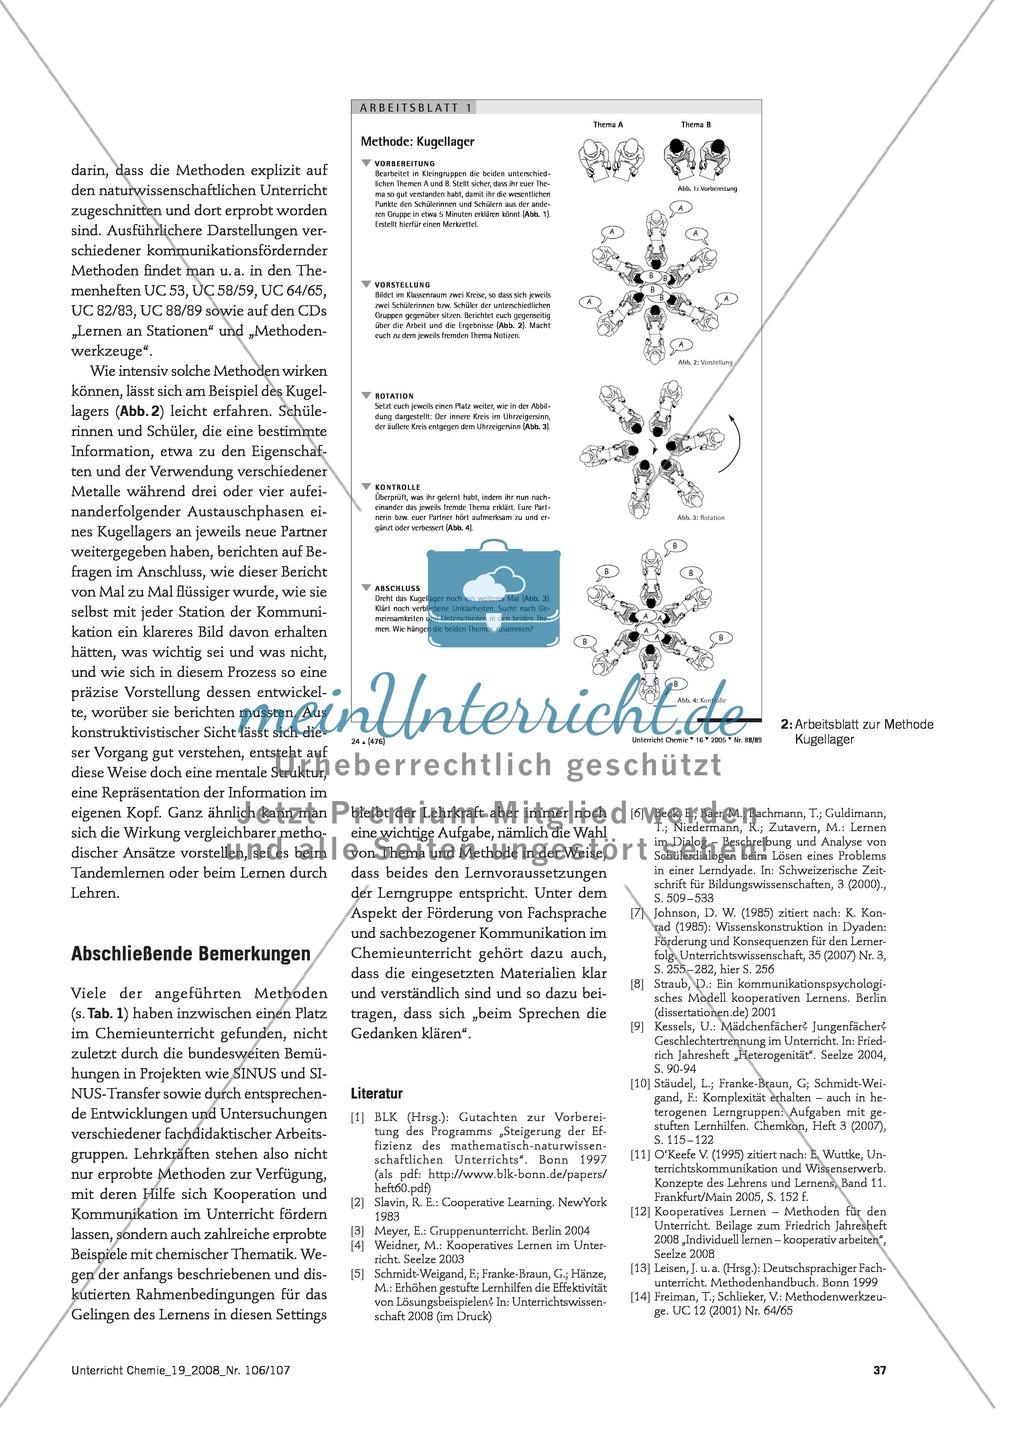 Verschiedene Methoden zur Förderung von Kommunikation im Chemieunterricht Preview 2